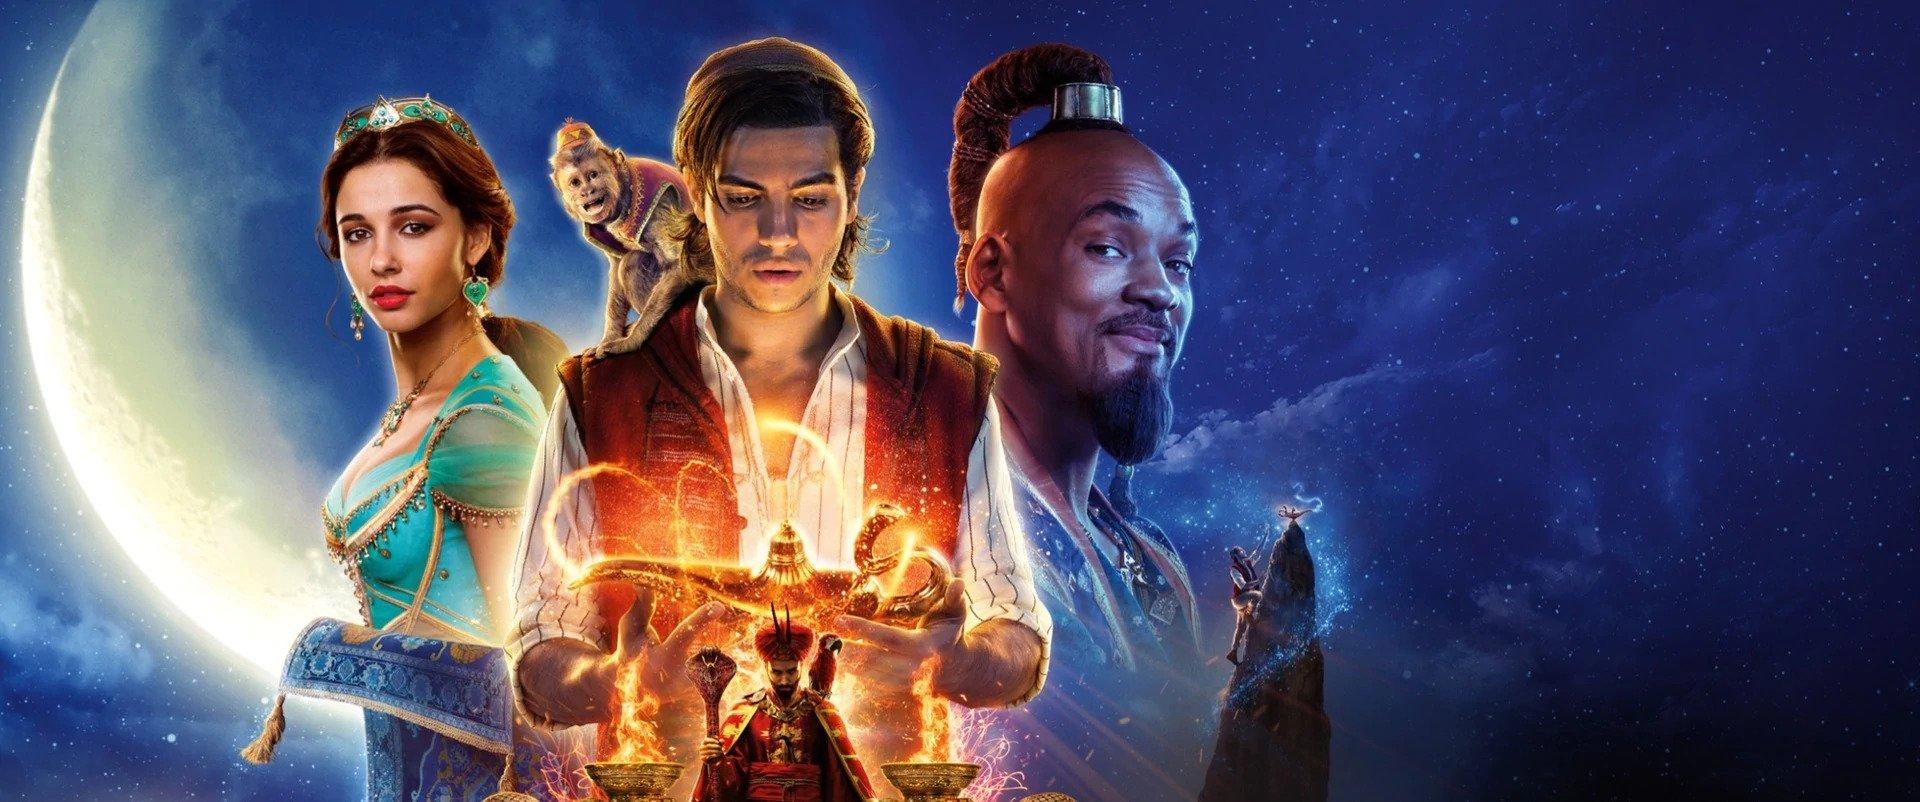 El live-action de Aladdin y Disney cruza los $900 mdd en taquilla global